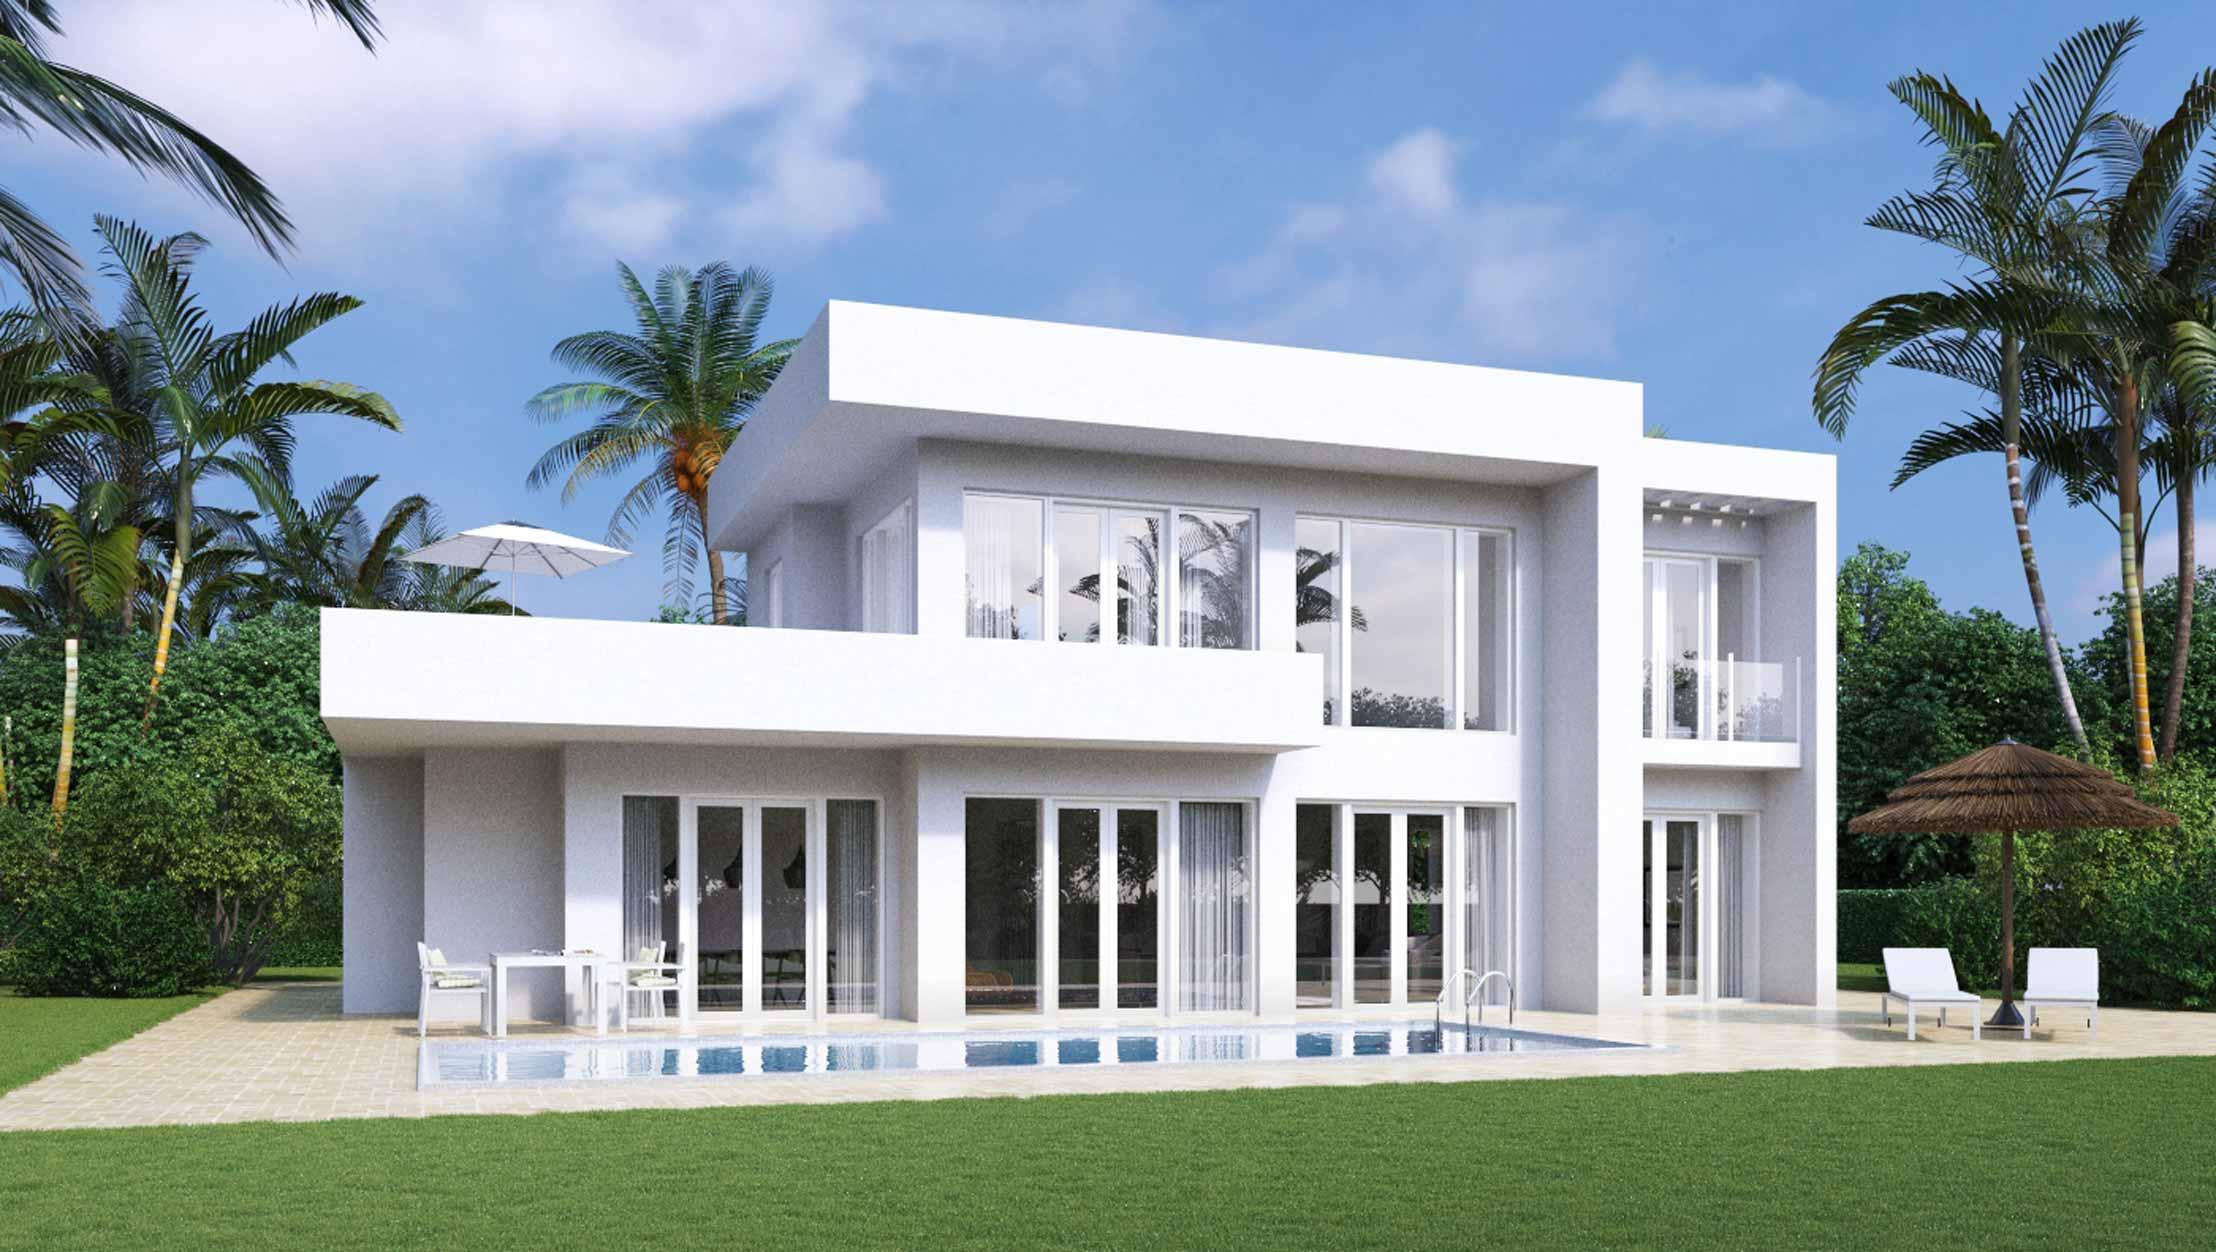 3 Bedrooms Junior Villa - Reference: JV-02